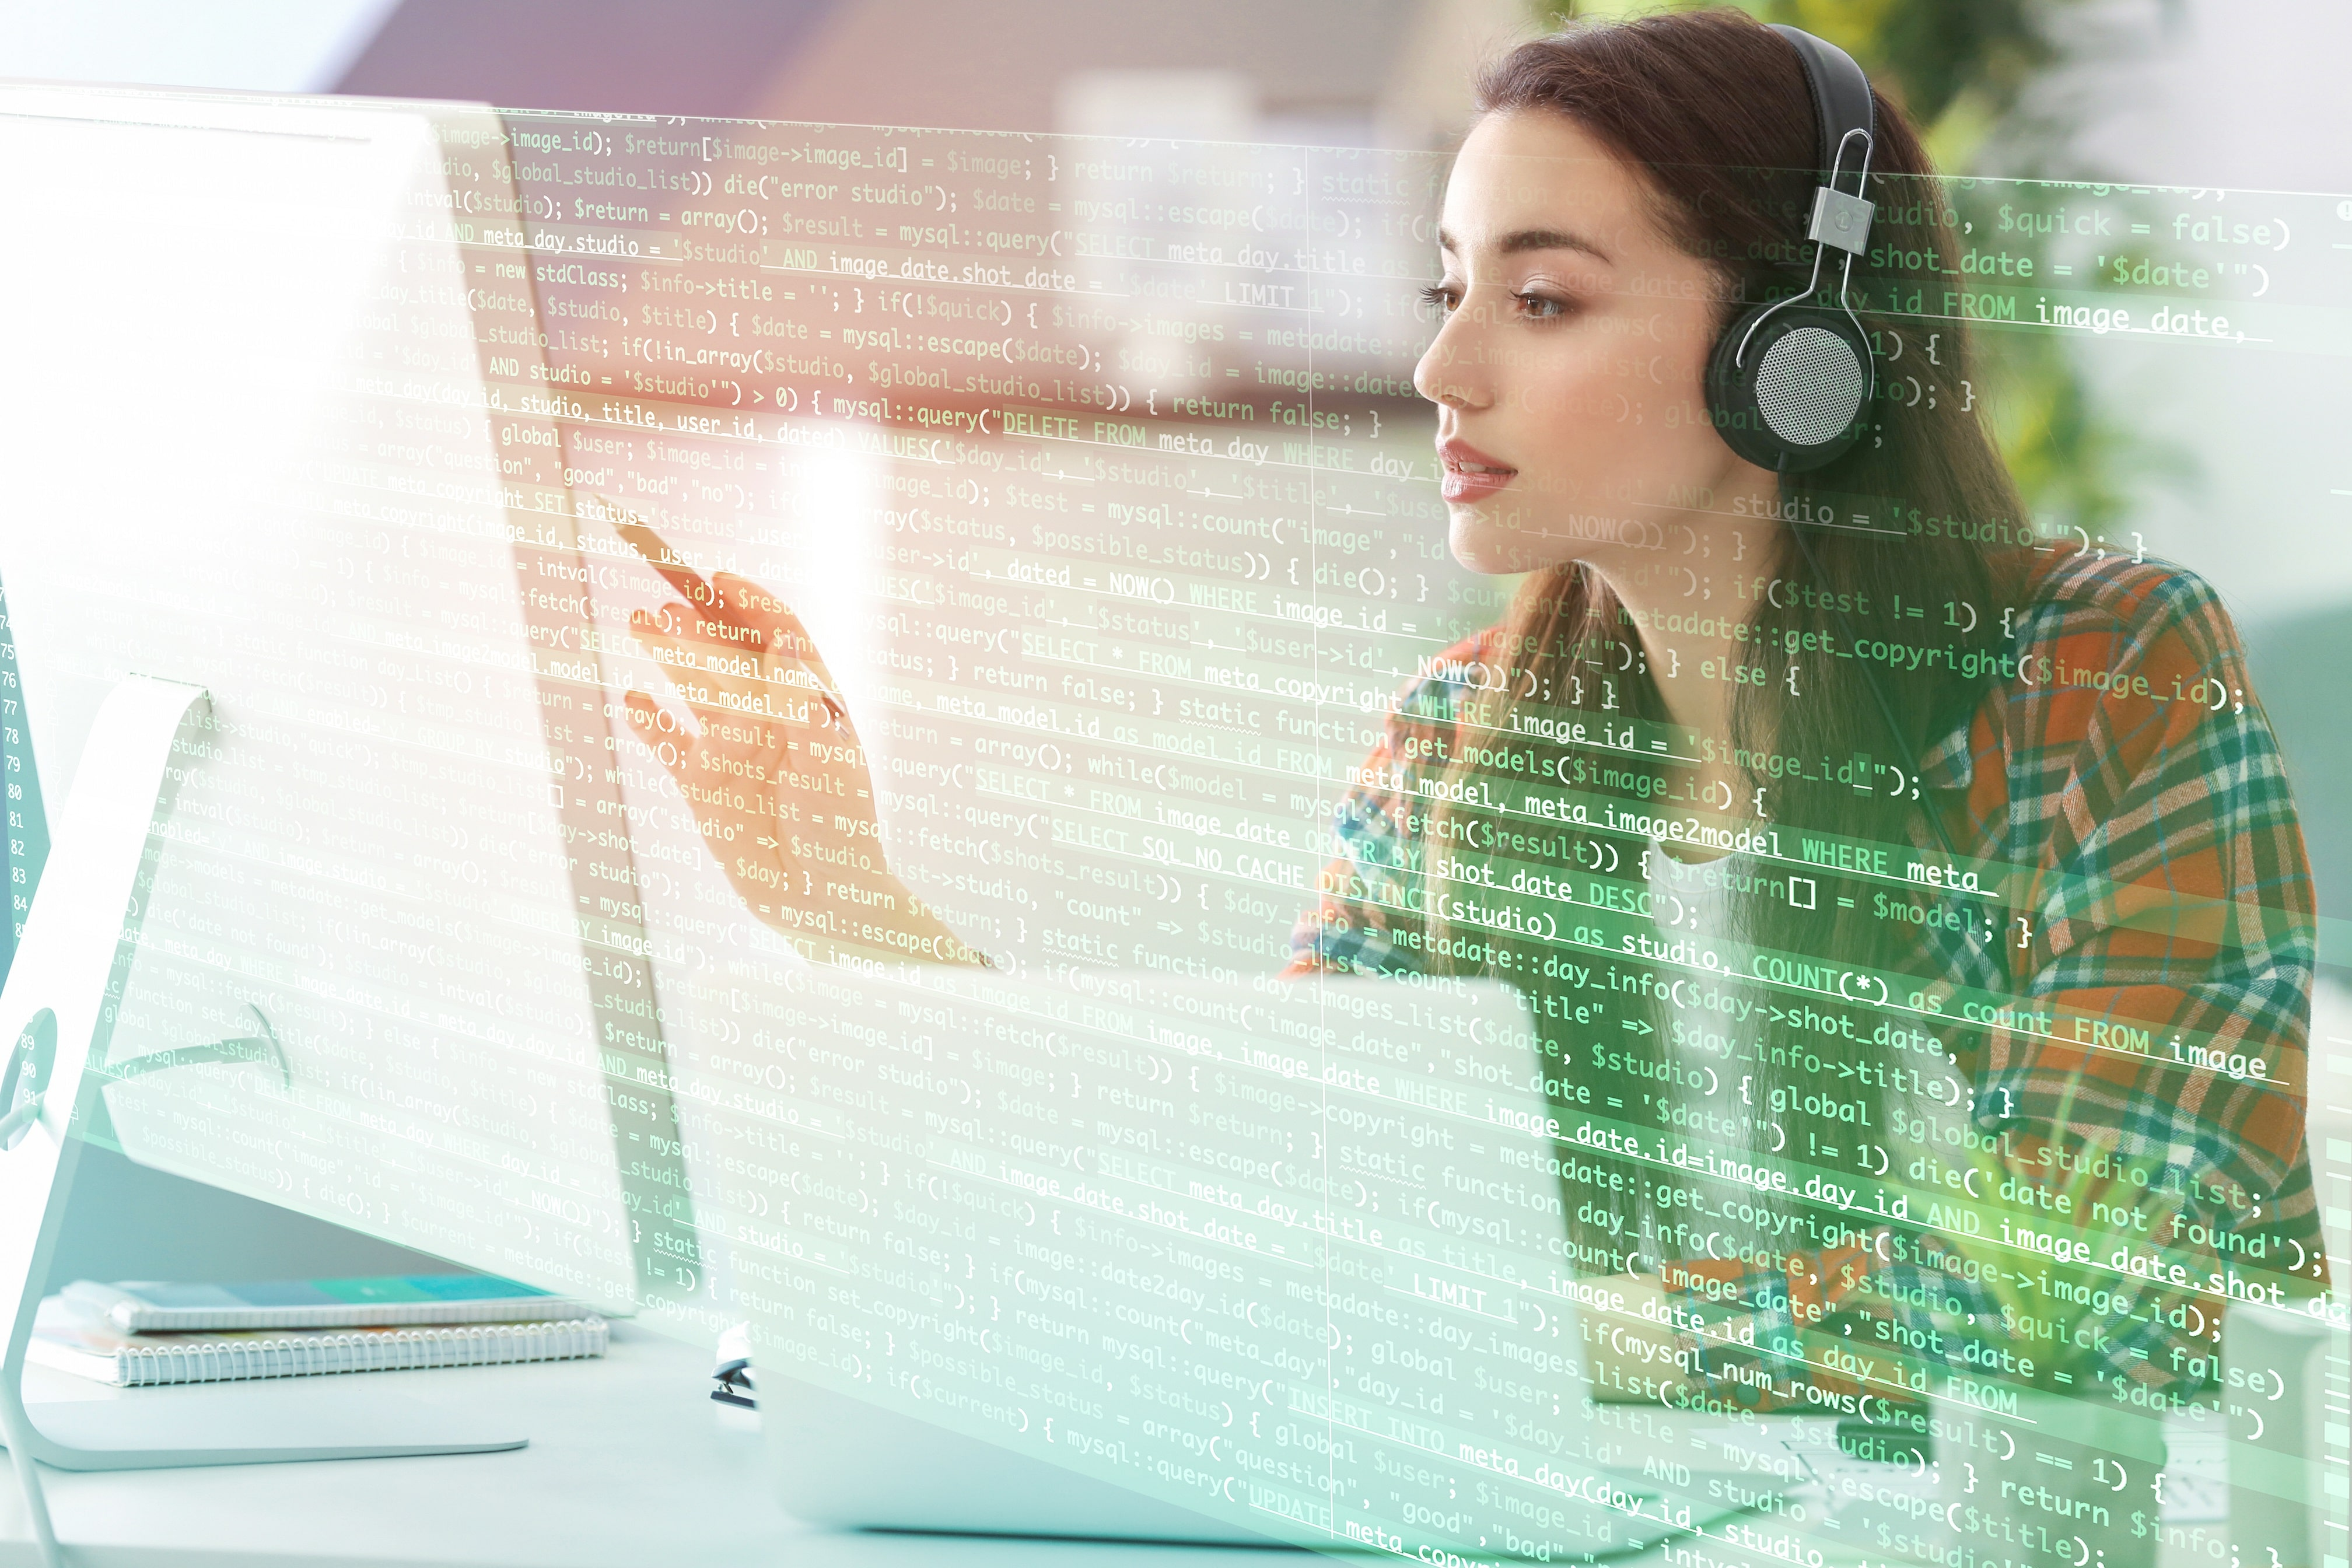 プログラムのソースコードは著作権上誰のものか